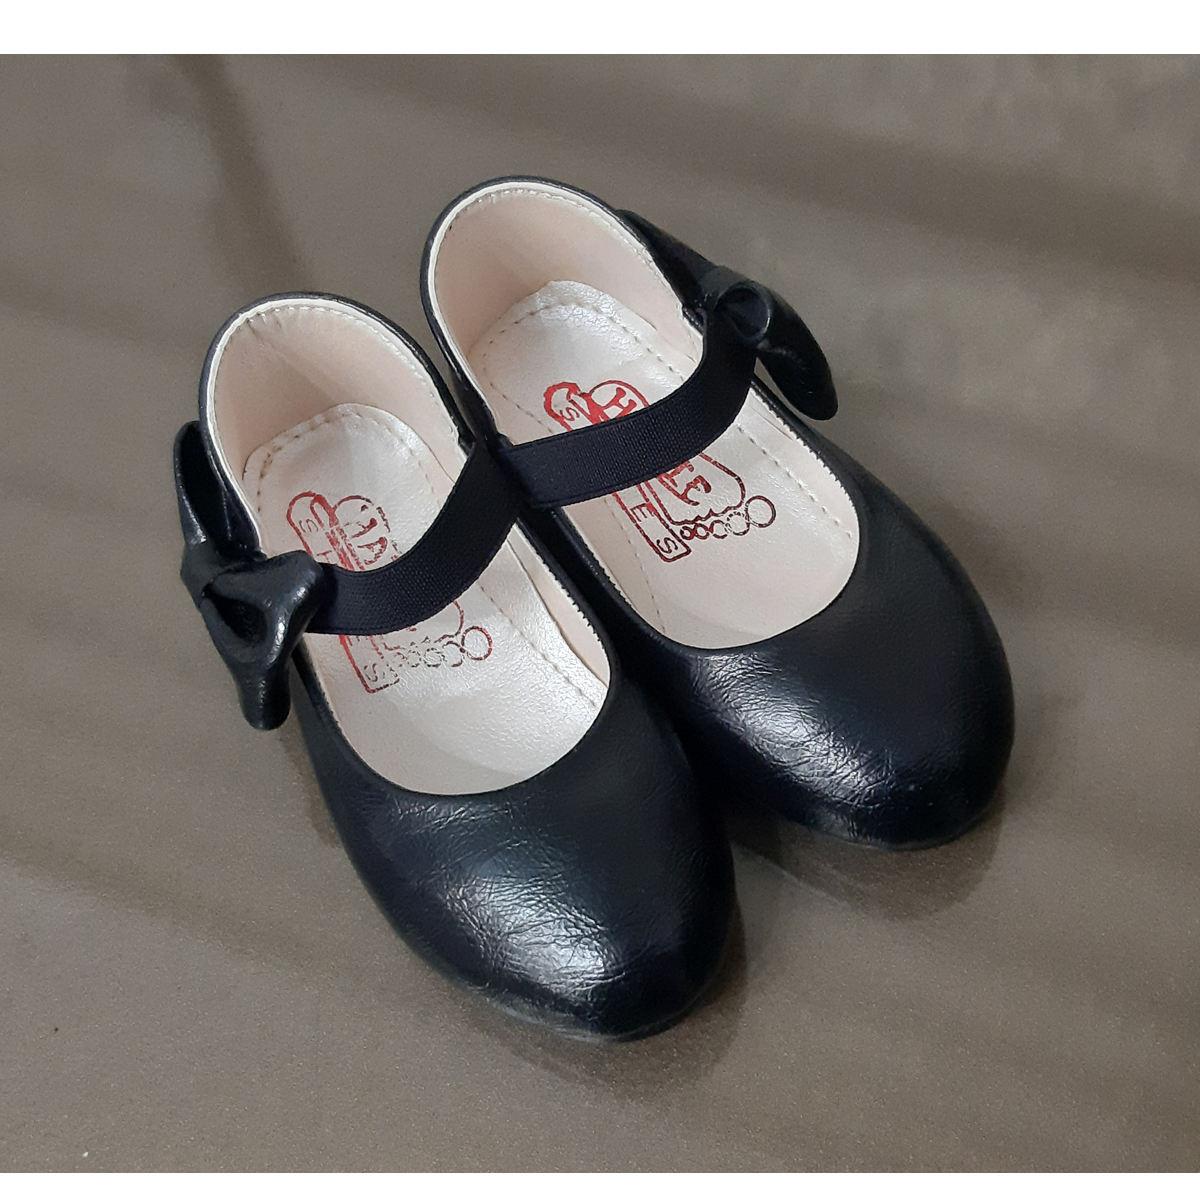 کفش دخترانه طرح پاپیون کد ta45210 -  - 2